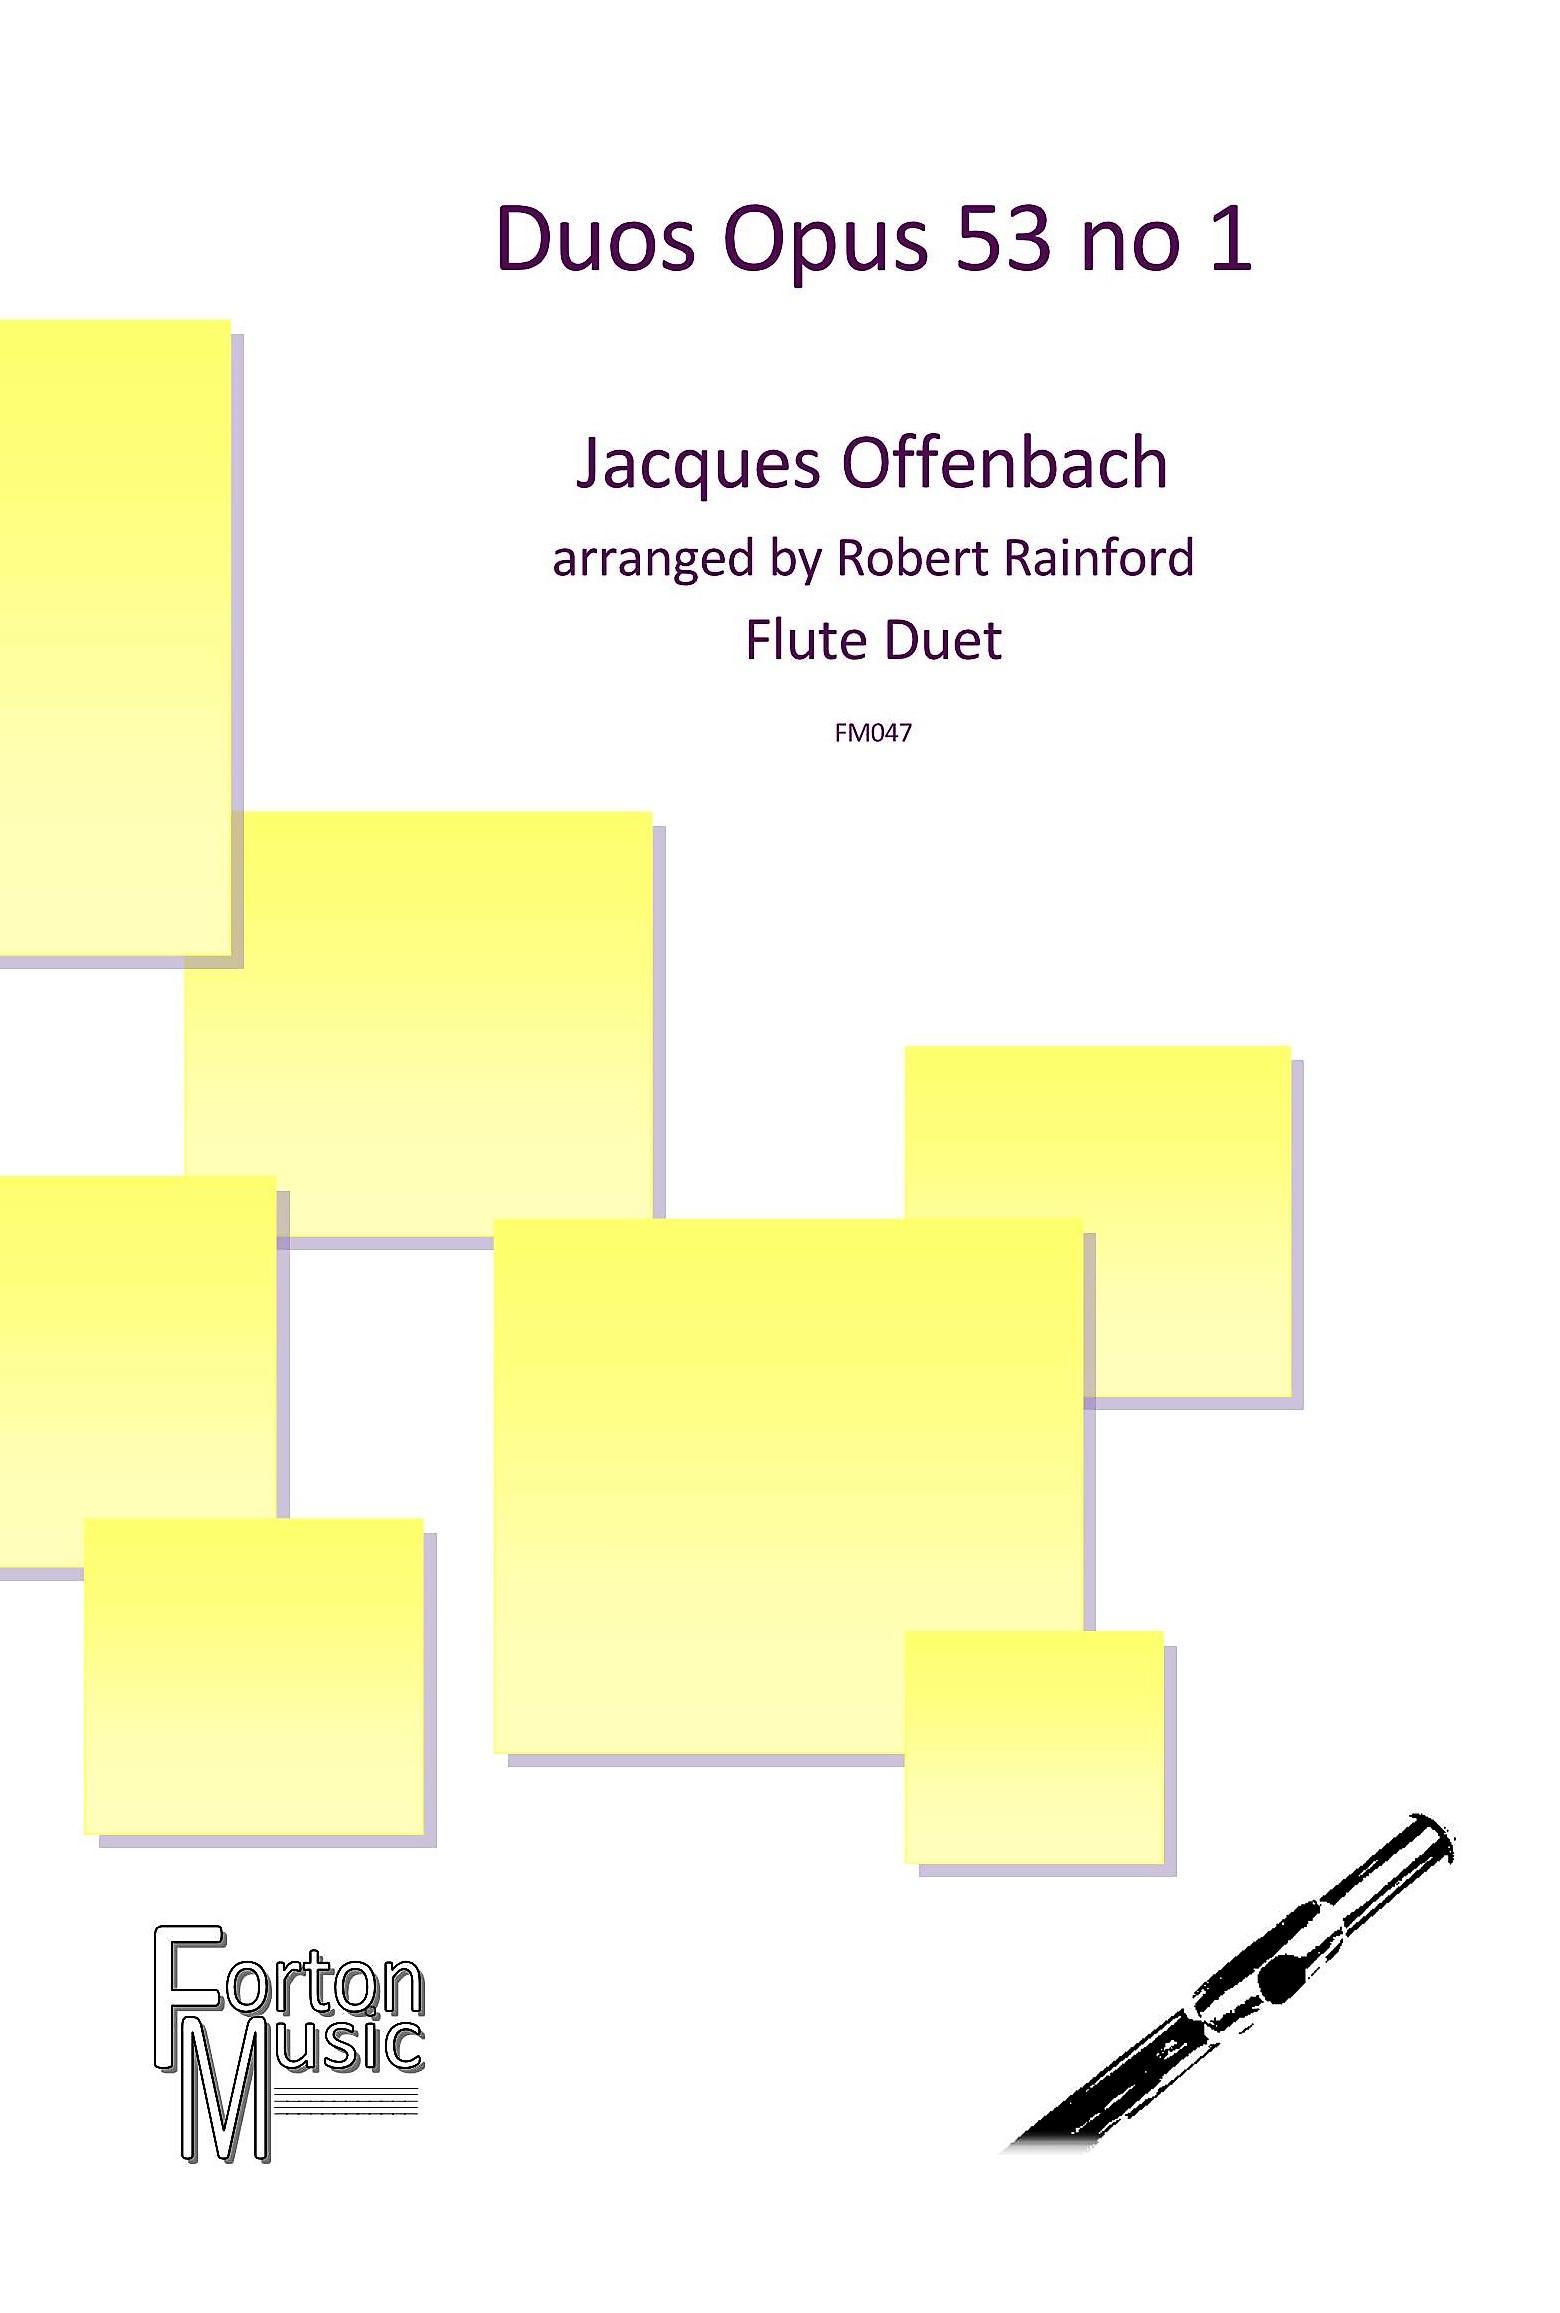 Duos Opus 53 no 1